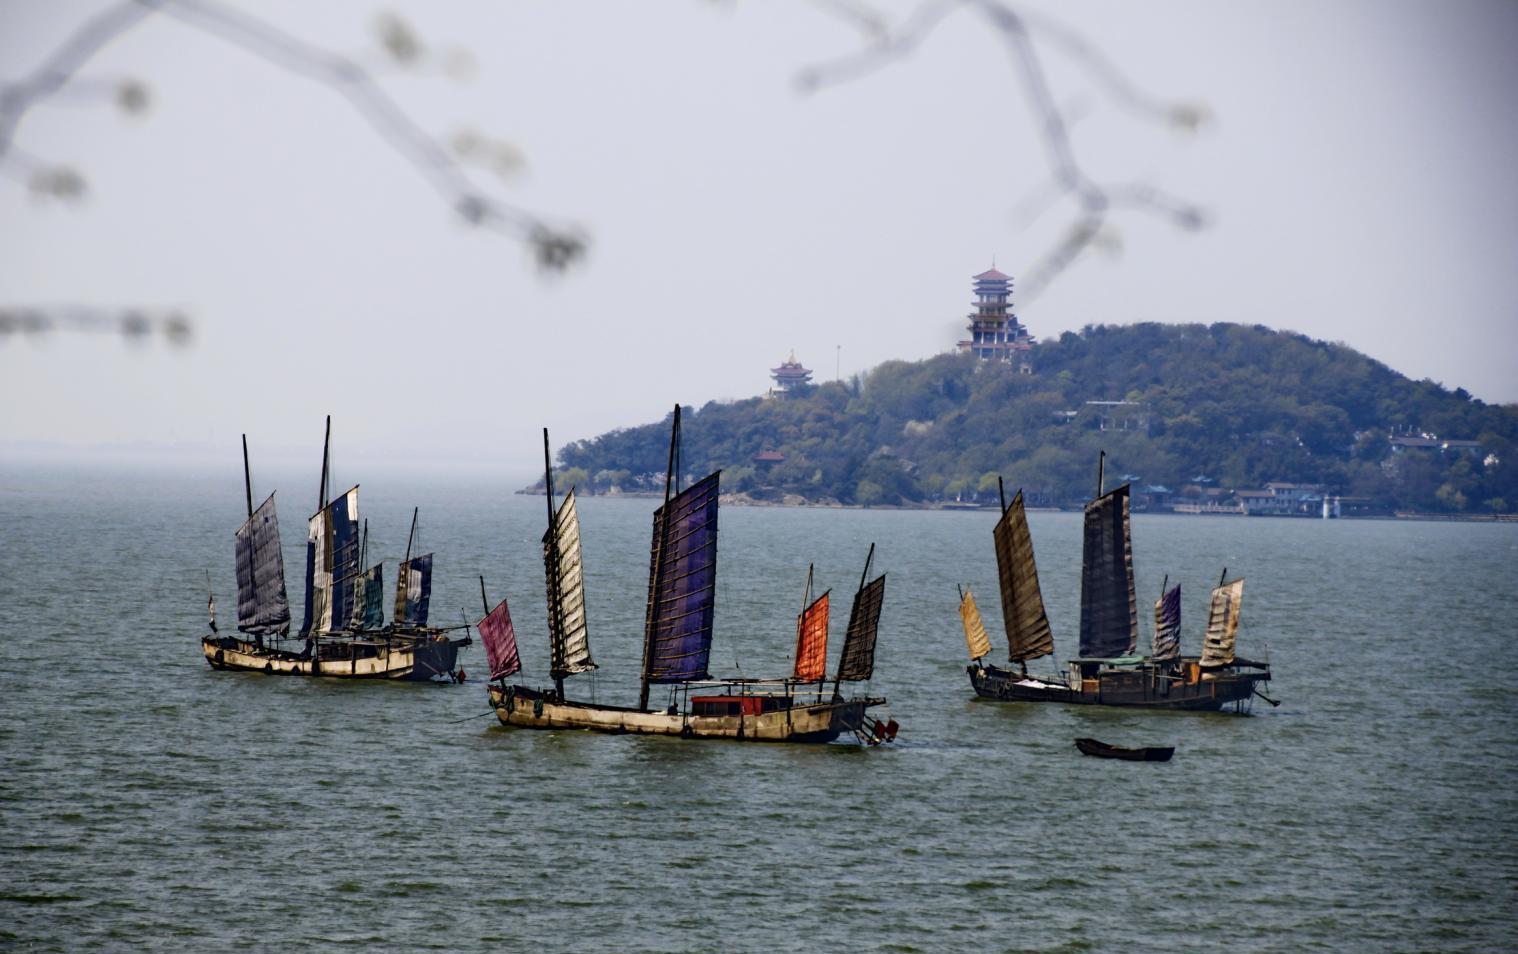 青岛最有望超苏州的经济,景点追南京,攻略超南京,逃票江苏城市不是交通图片